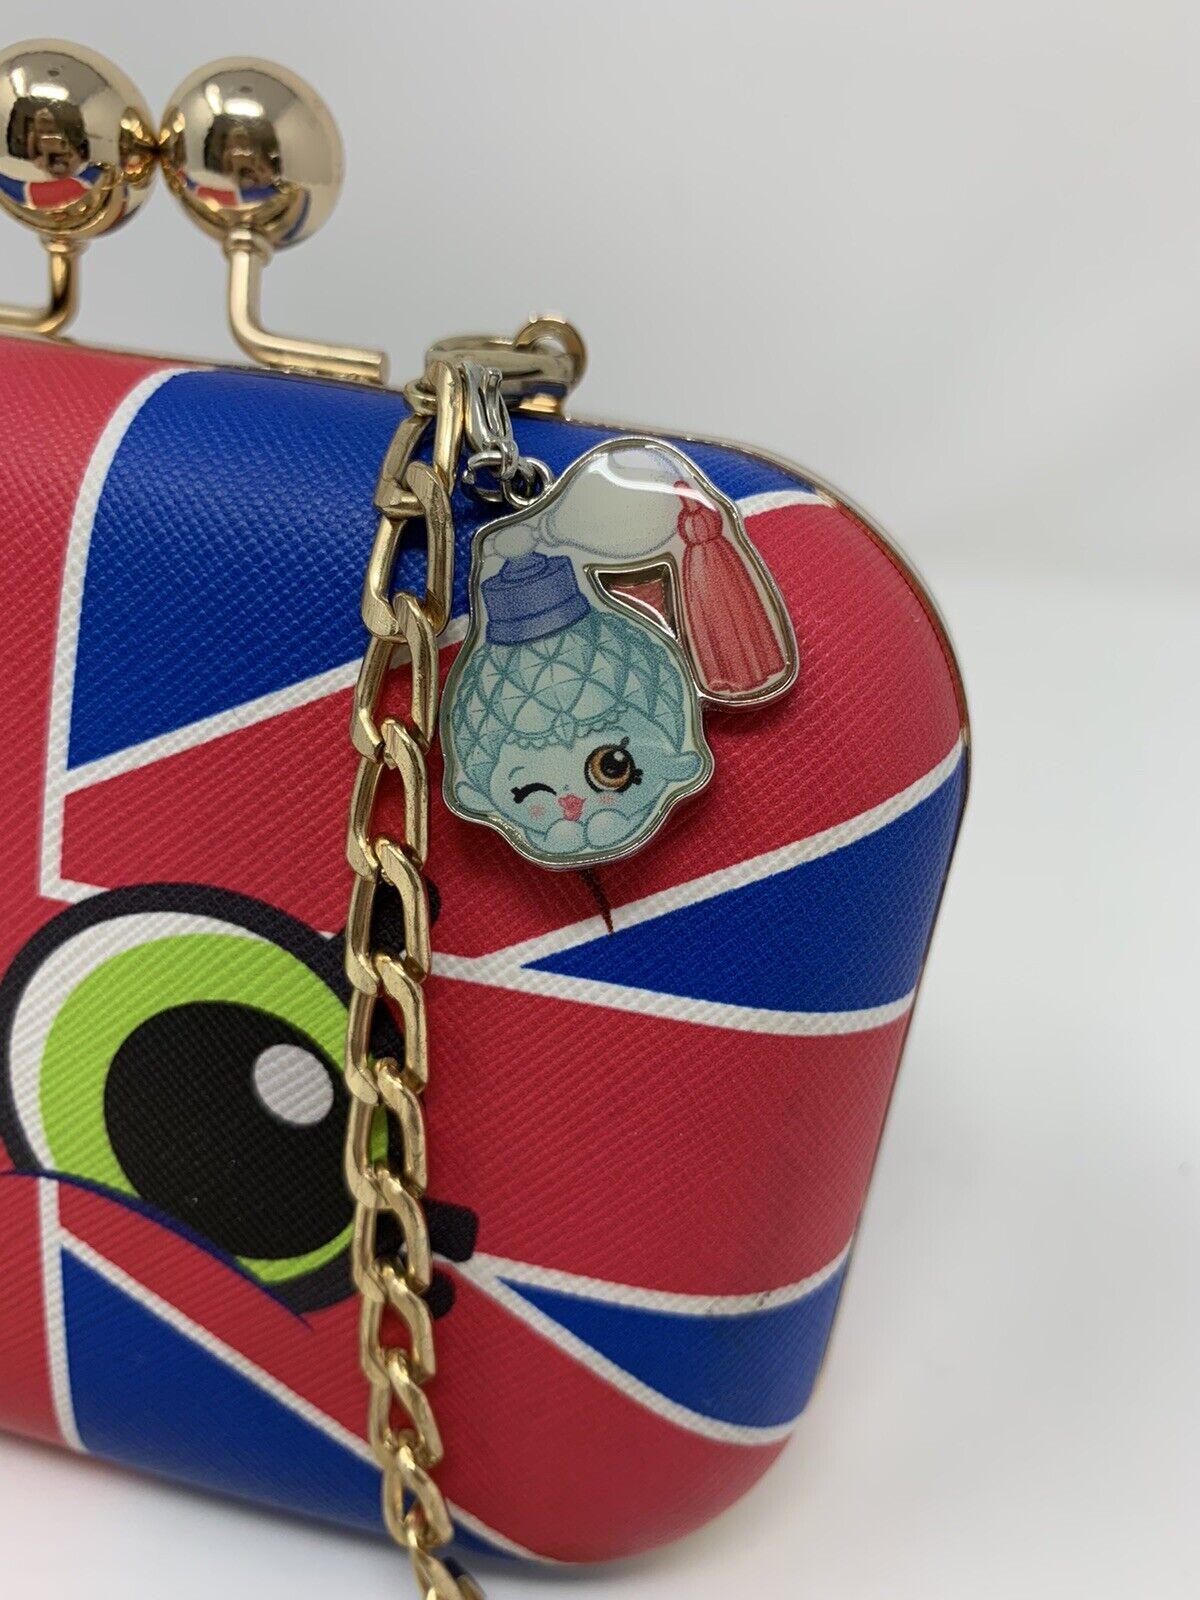 Shopkins BRITNEY Purse Union Jack Shoulder Bag wi… - image 2